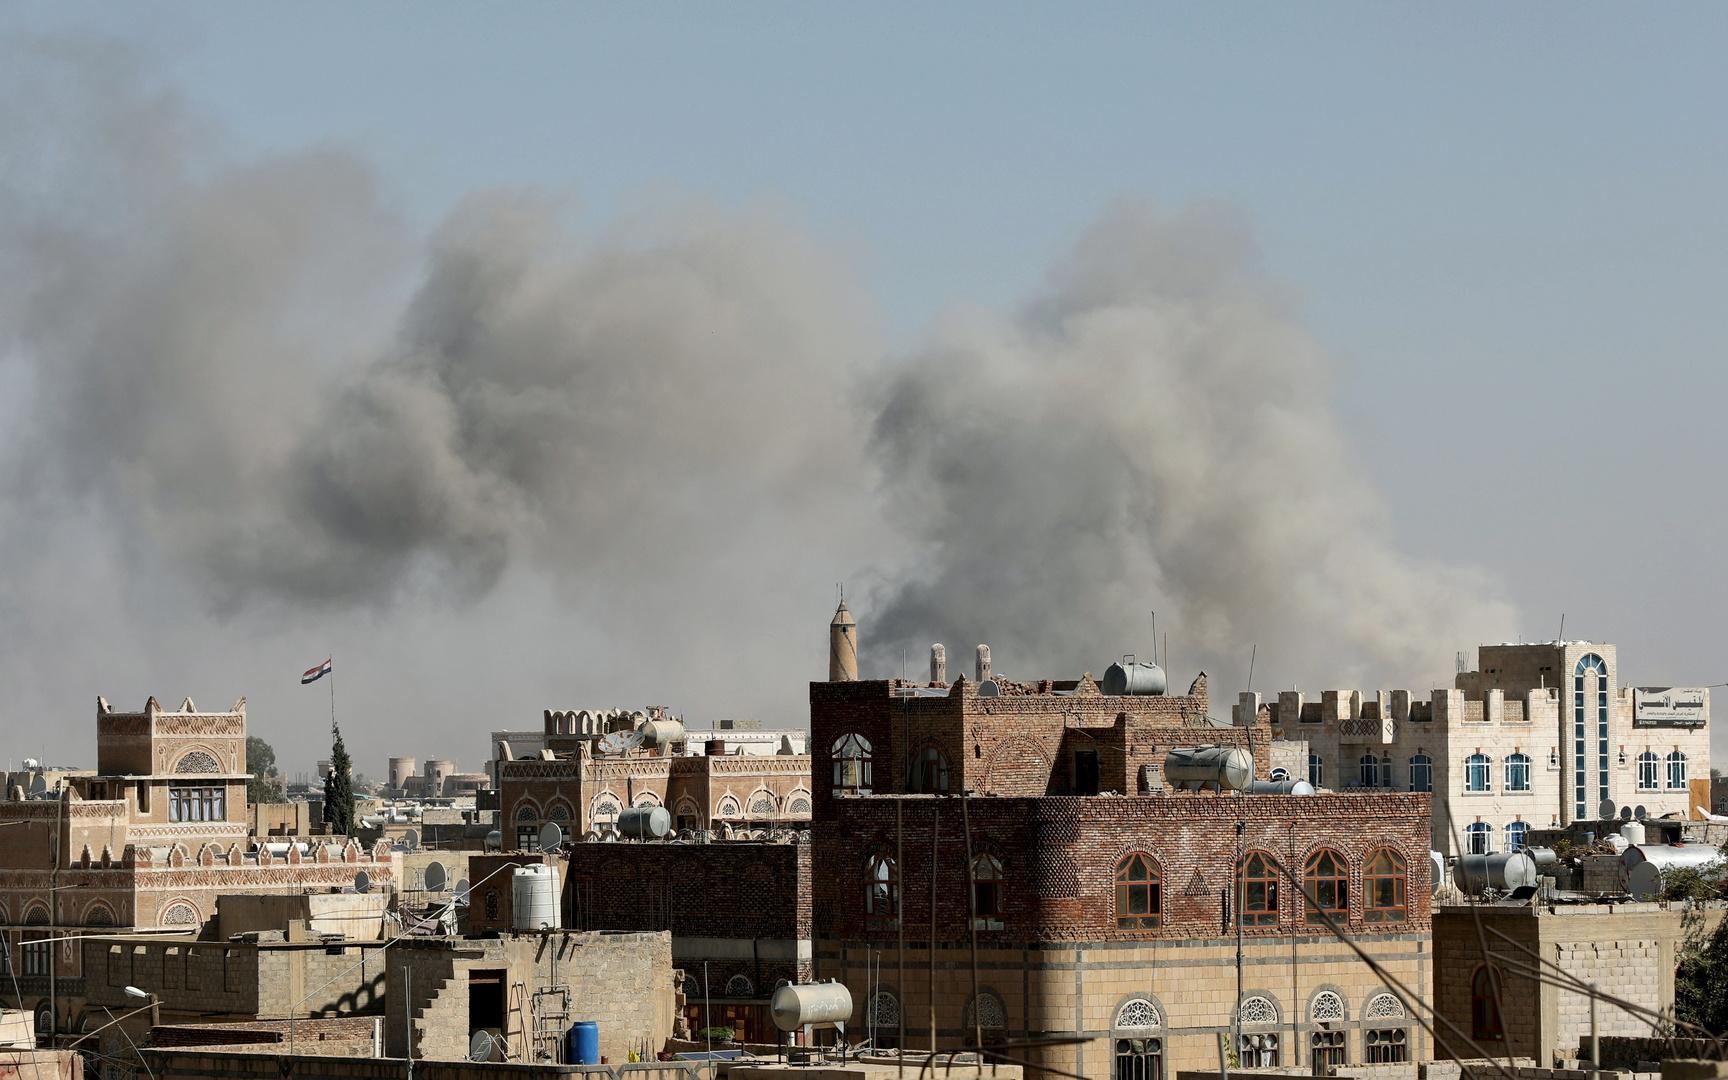 الأمم المتحدة: نزوح 8 آلاف يمني خلال أسبوعين بسبب الأعمال القتالية في مأرب